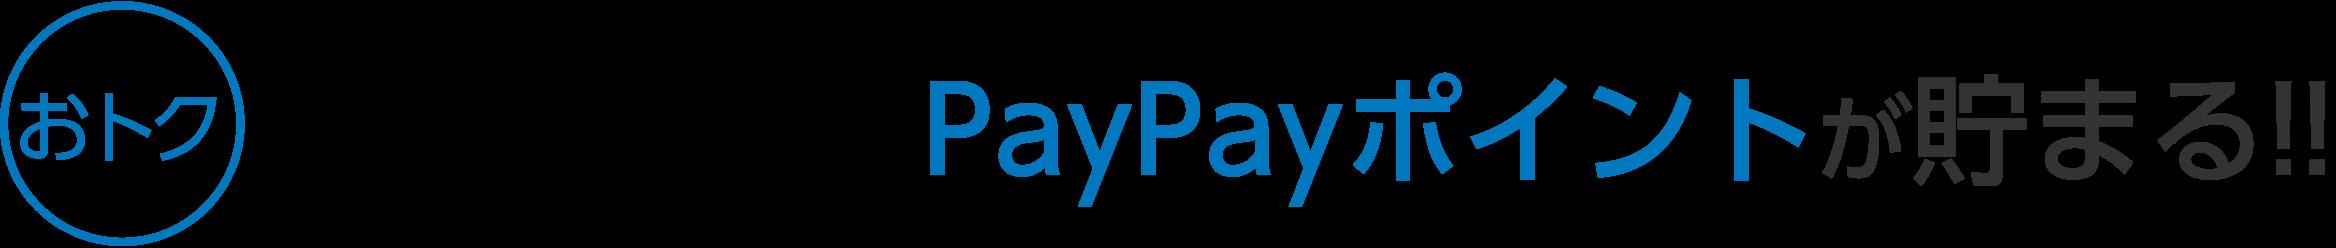 おトク PayPay残高でのお支払いで0.5%~1.5%戻ってくる